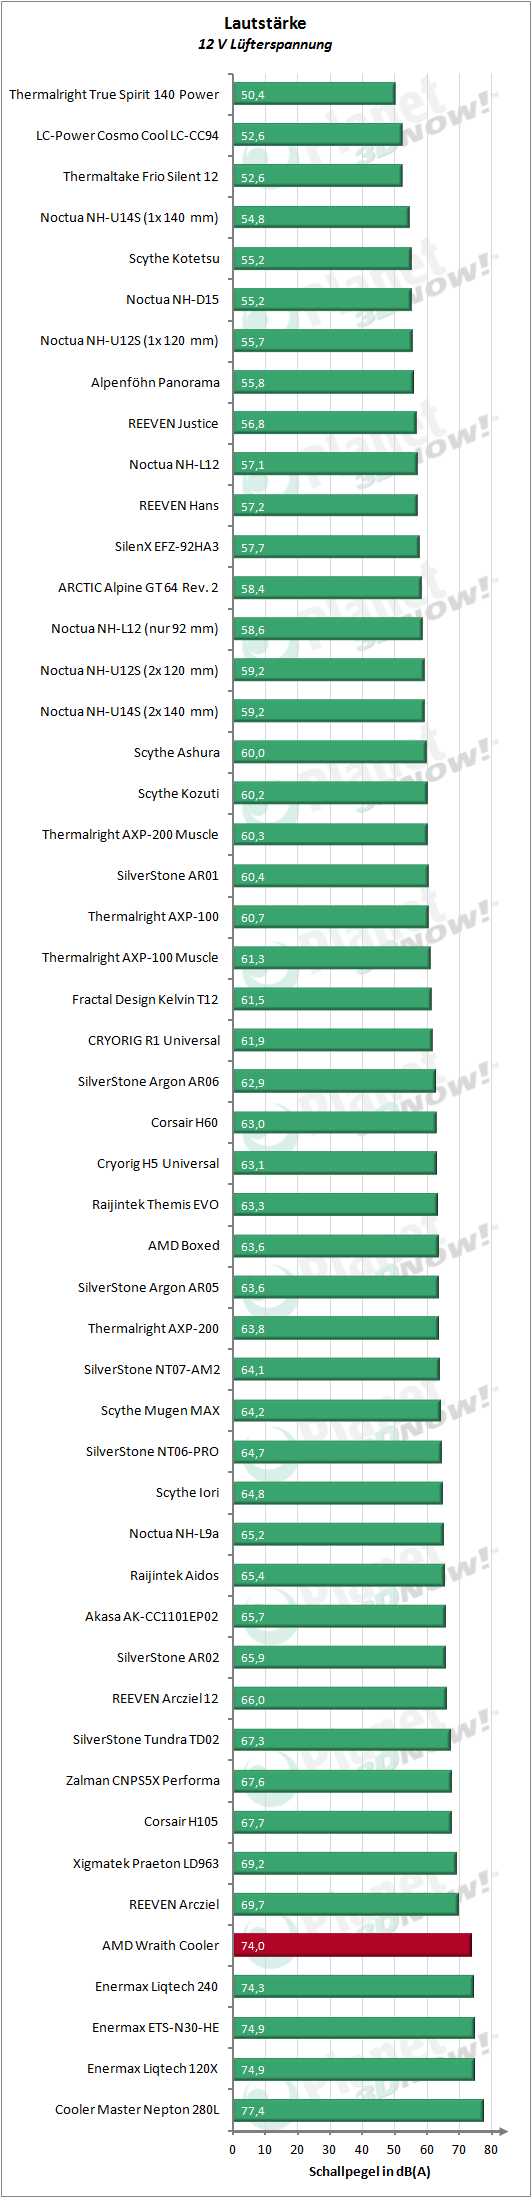 AMD_Wraith_Cooler_12V